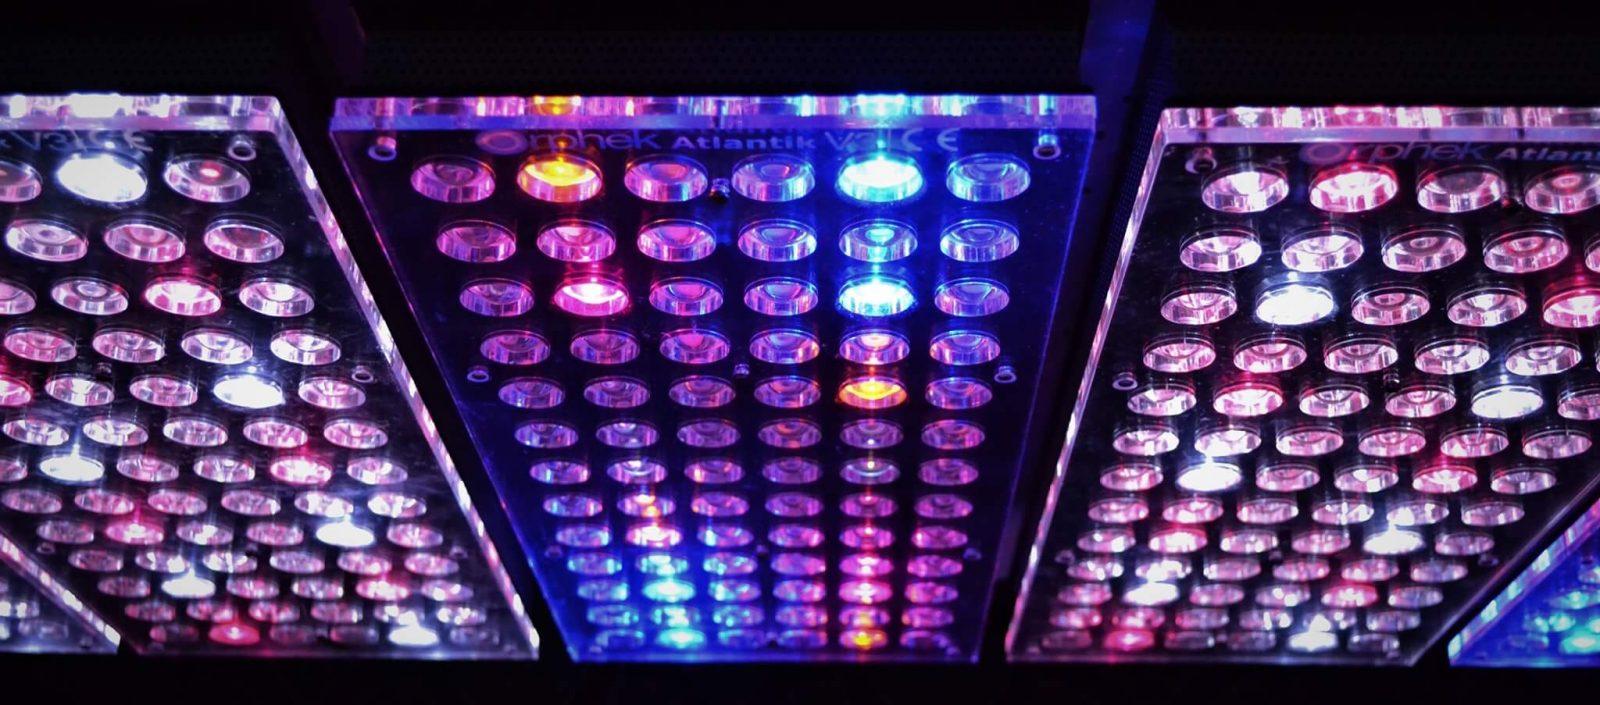 उच्चतम गुणवत्ता मछलीघर रोशनी 2020